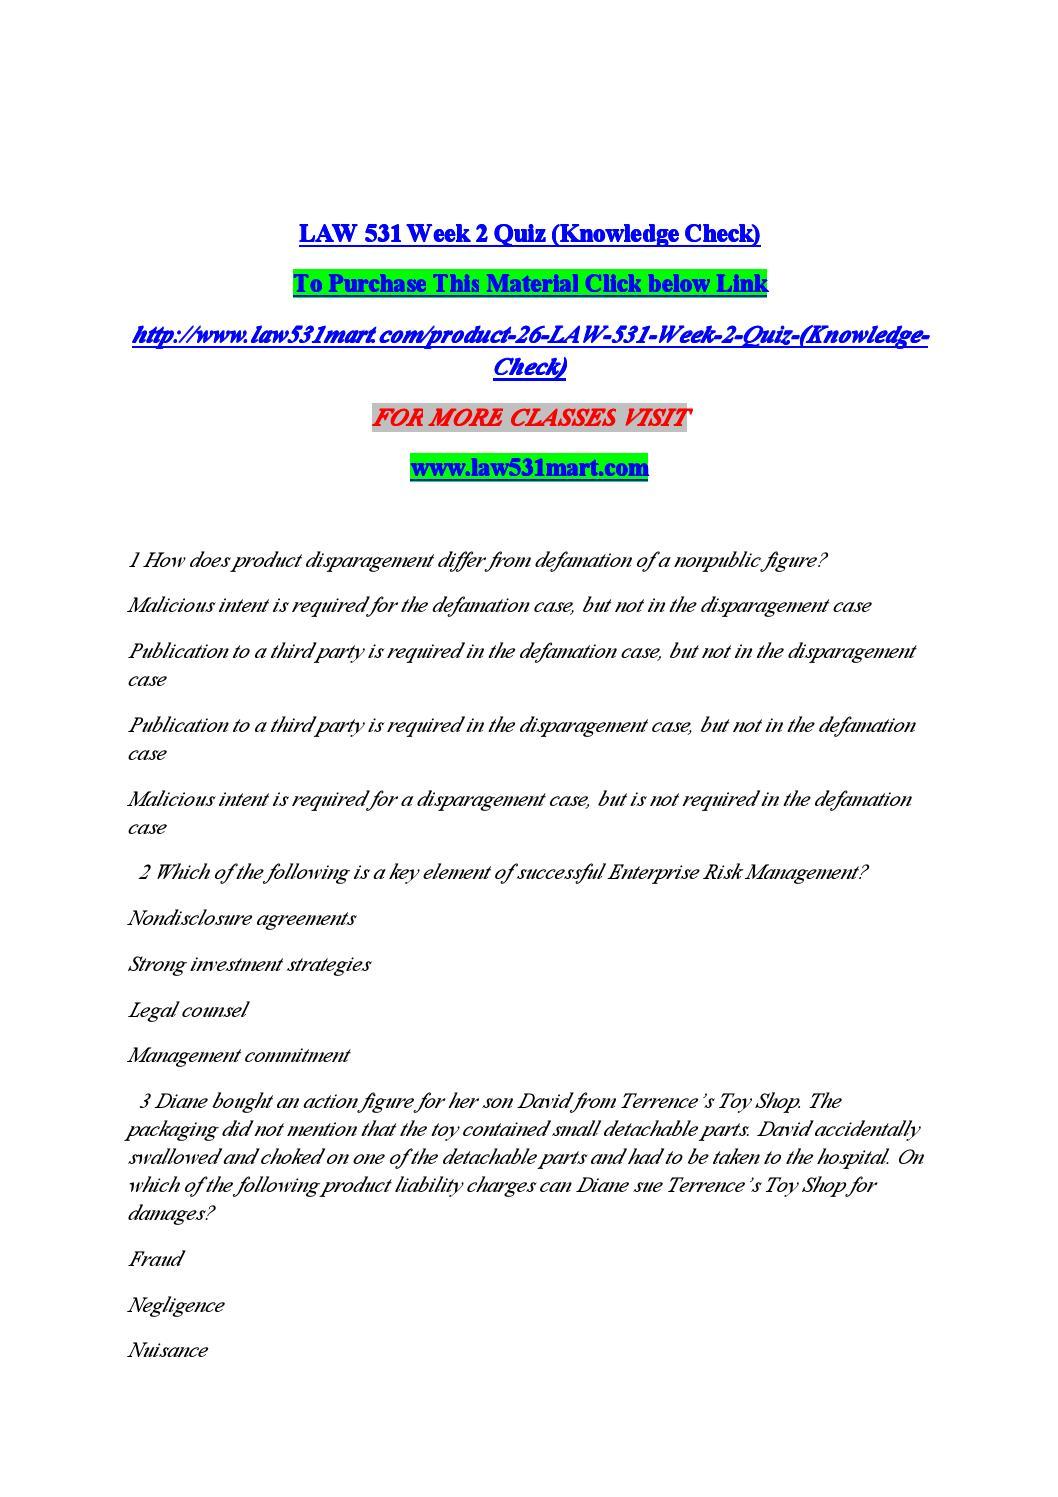 Law 531 quiz